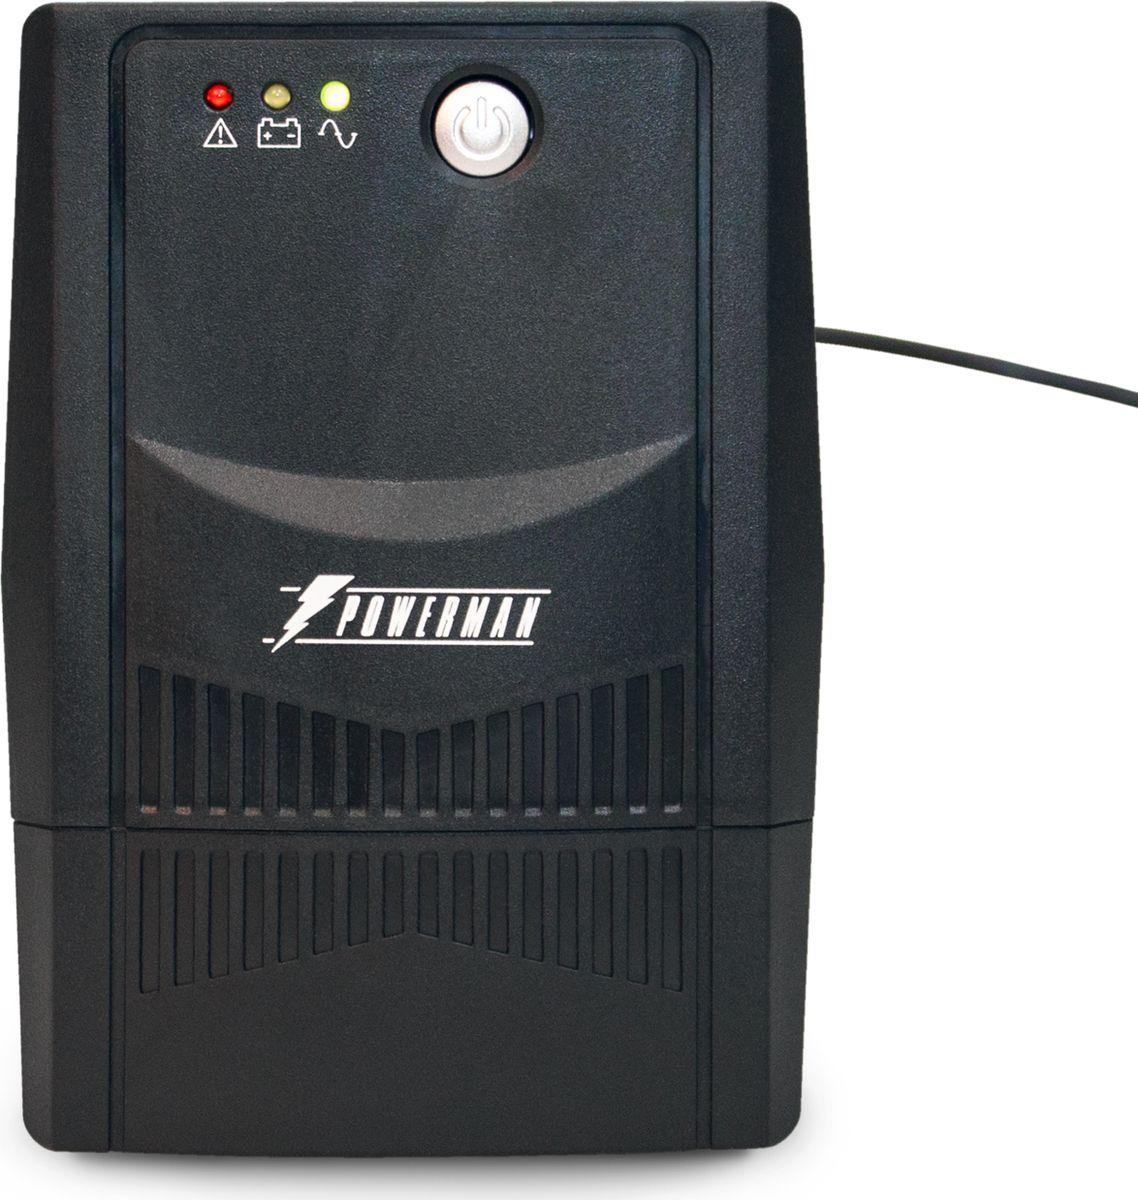 Источник бесперебойного питания Powerman  UPS Вack Pro 600 , 600 ВА - Источники бесперебойного питания (UPS)